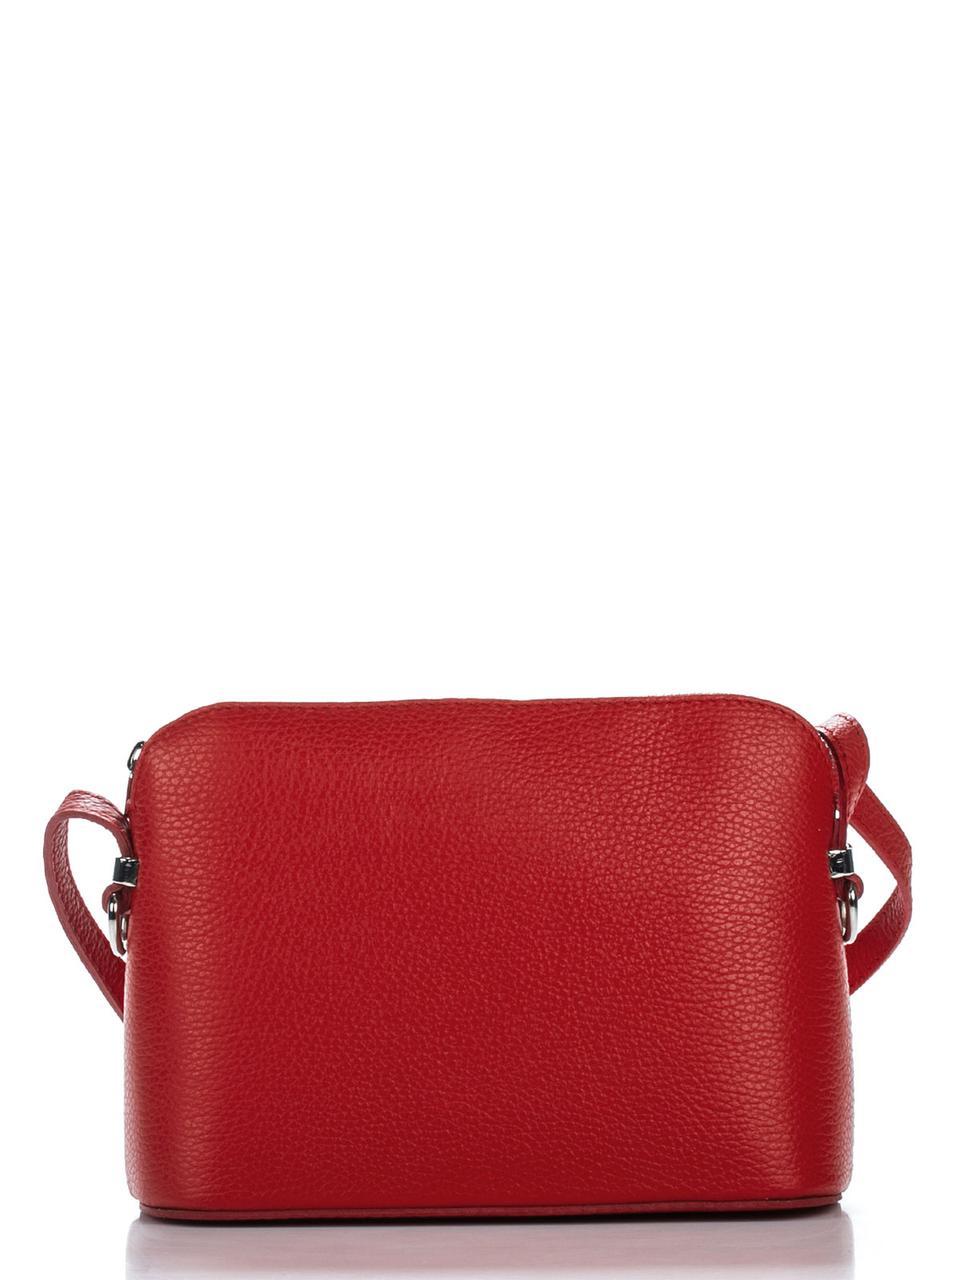 Женская кожаная сумка VIOLETTA Diva's Bag цвет красный